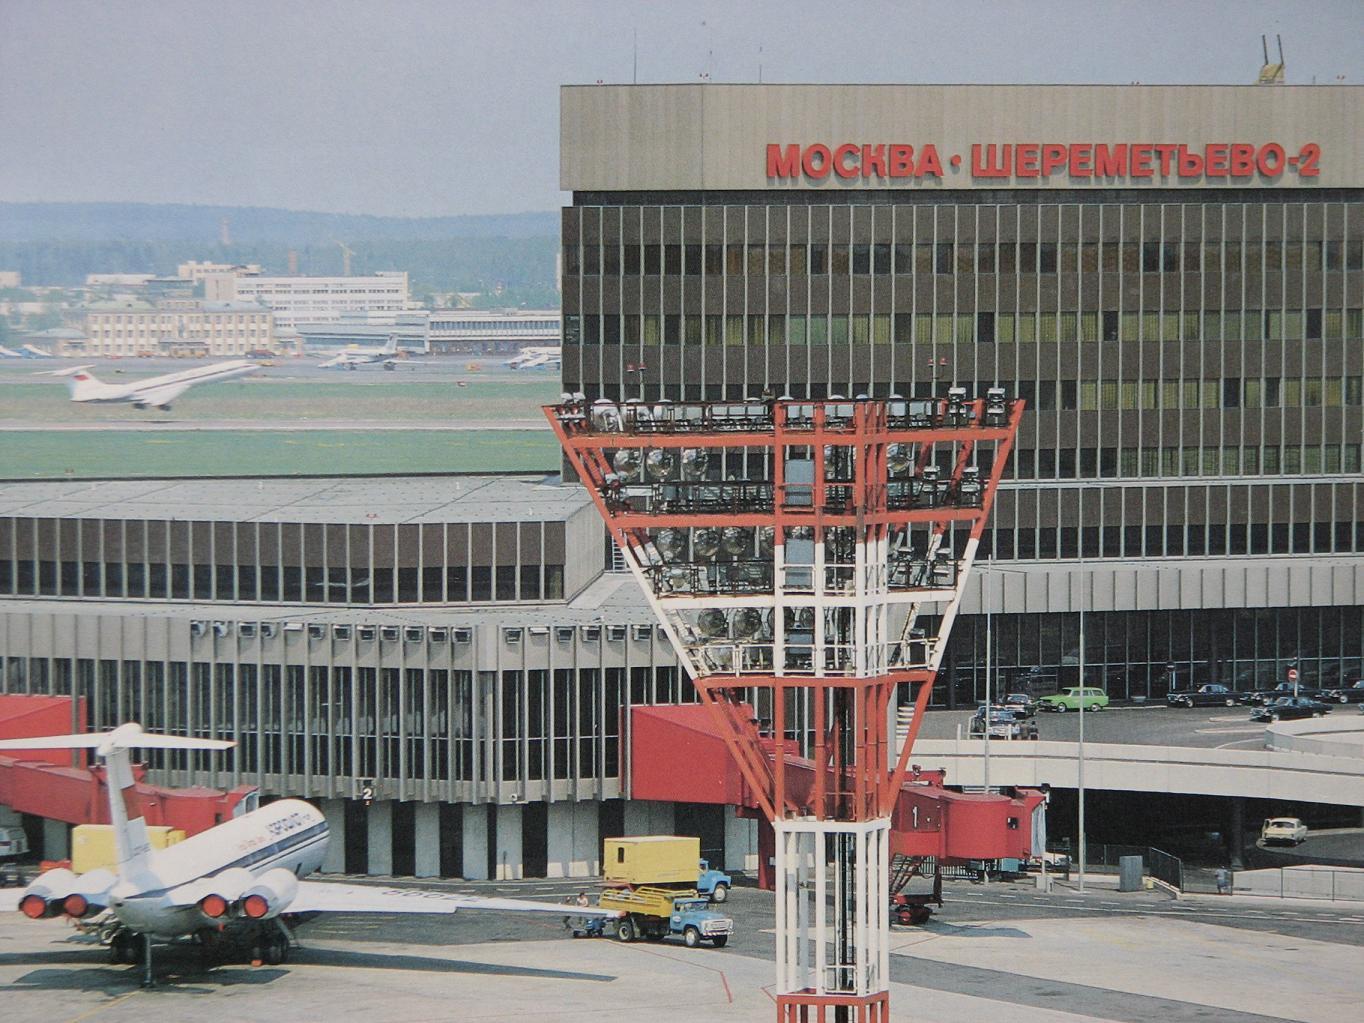 1980. Аэровокзал «Шереметьево-2»